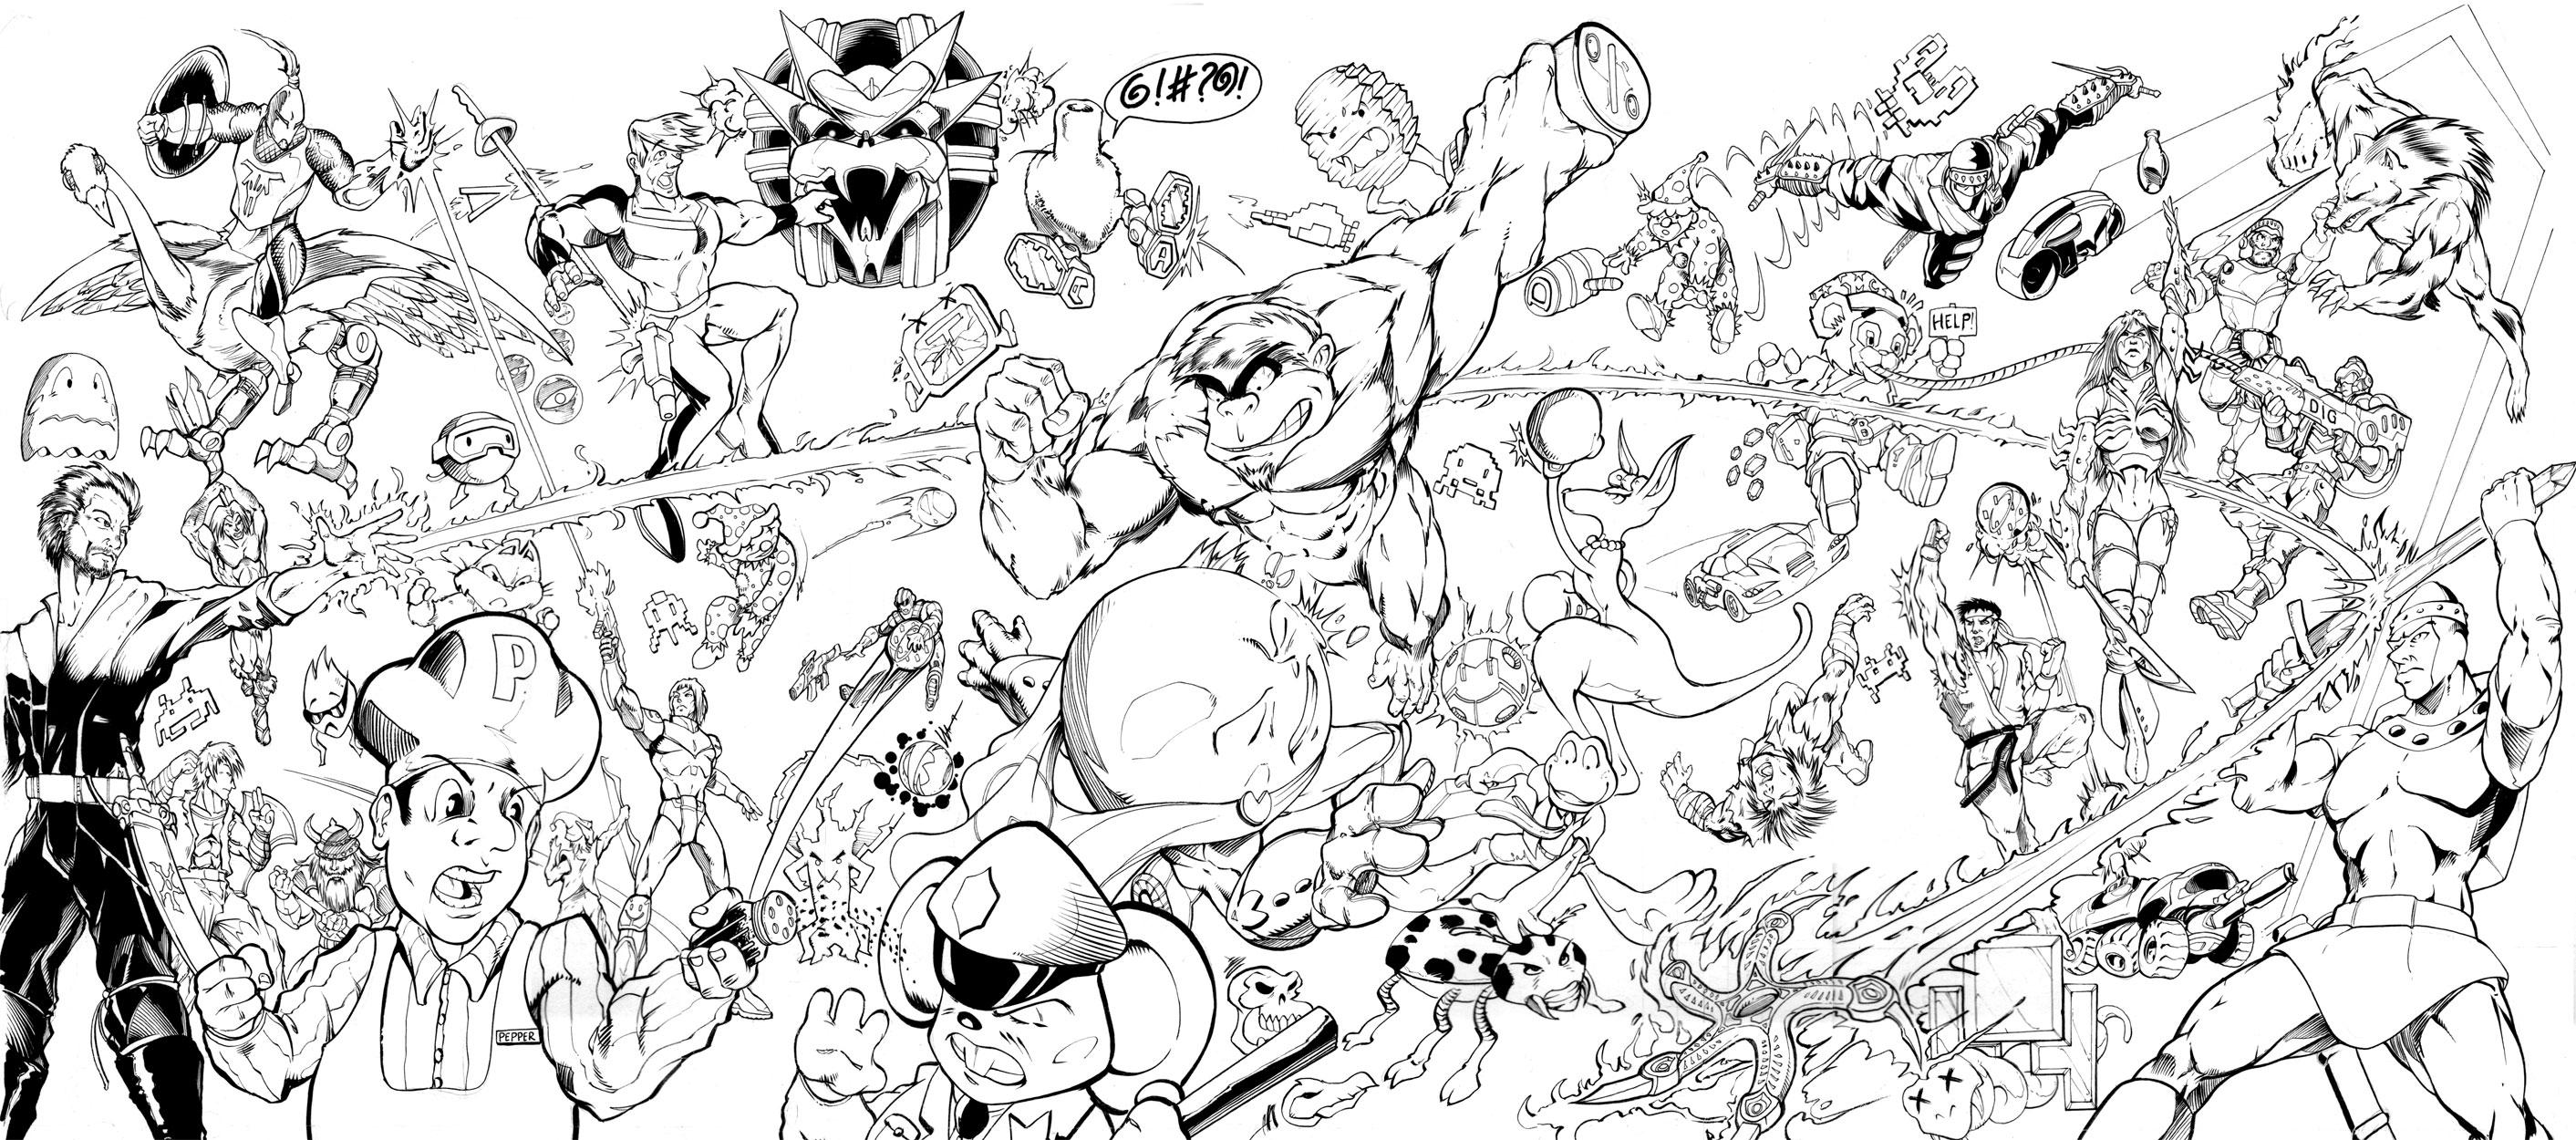 Ziemlich Super Mario Brüder Wii Malvorlagen Galerie - Malvorlagen ...